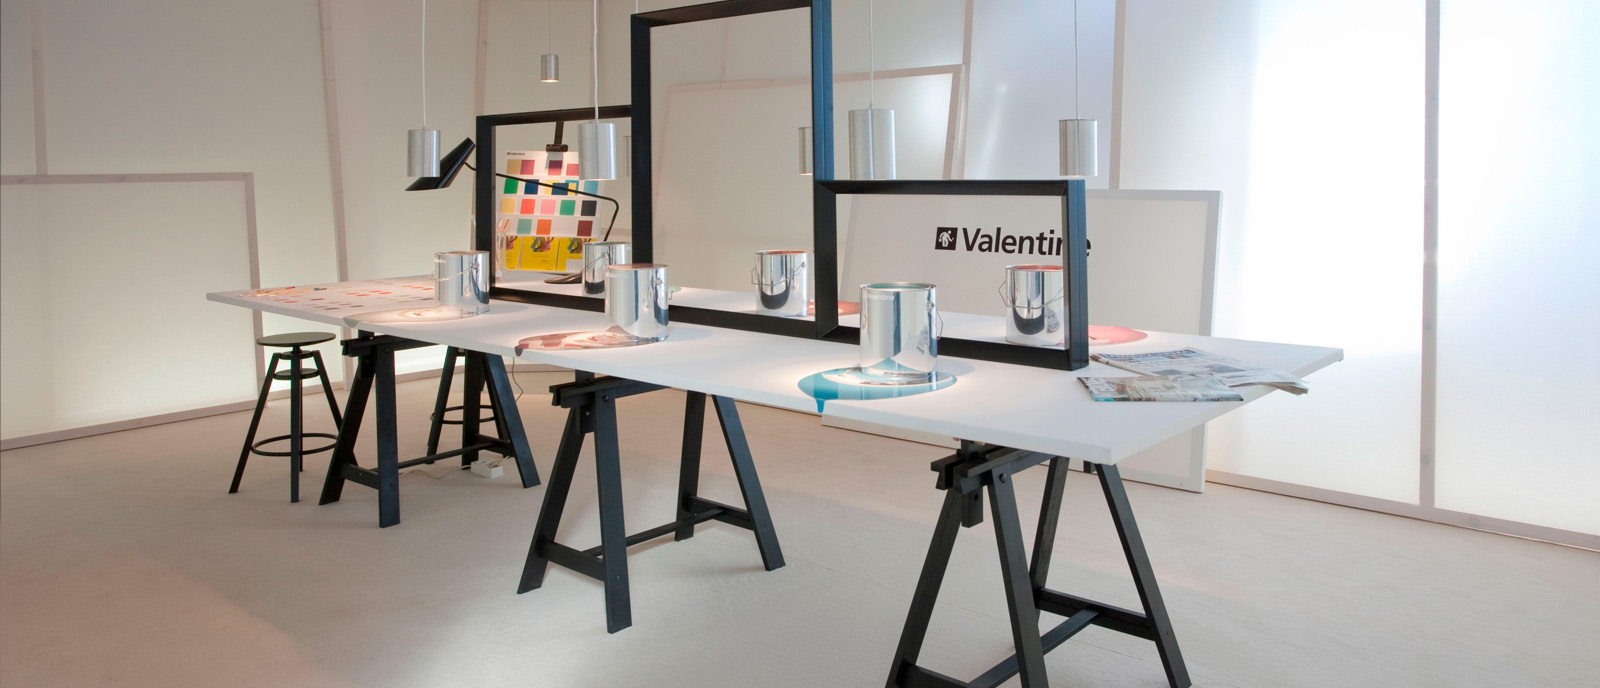 """Galería de pinturas – """"Valentine Art Gallery"""""""